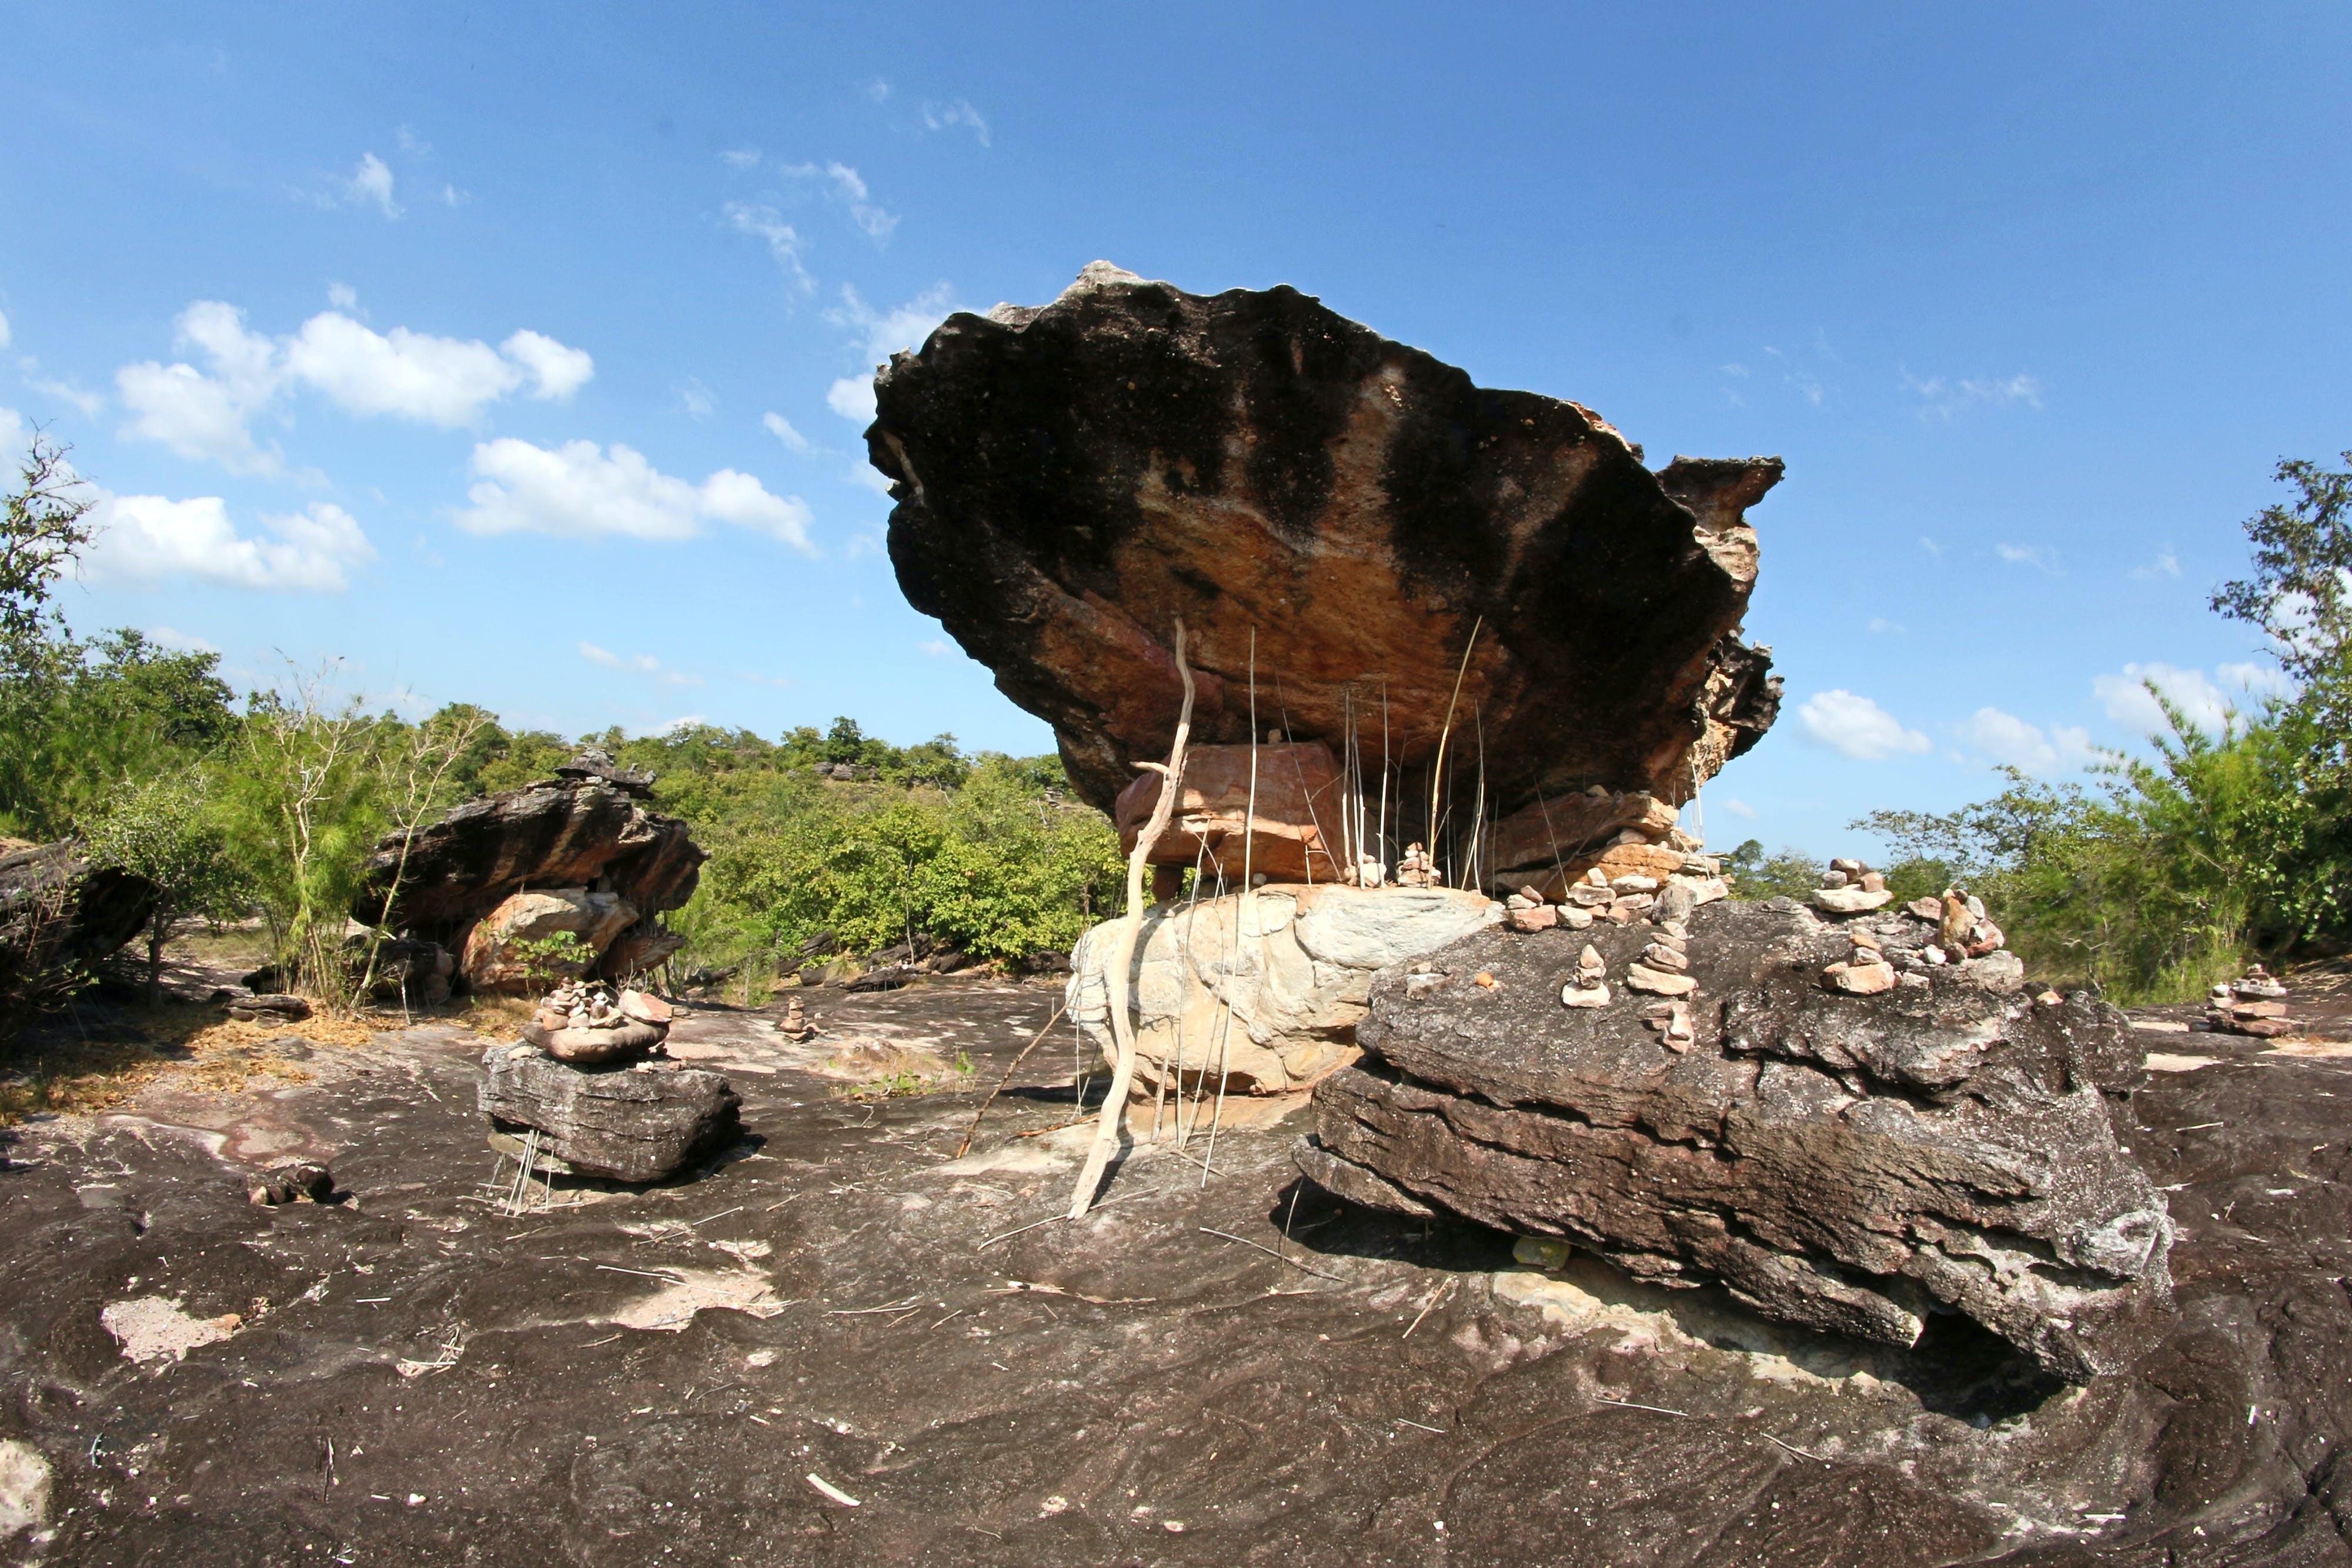 광야, 구름, 나무, 돌의 무료 스톡 사진